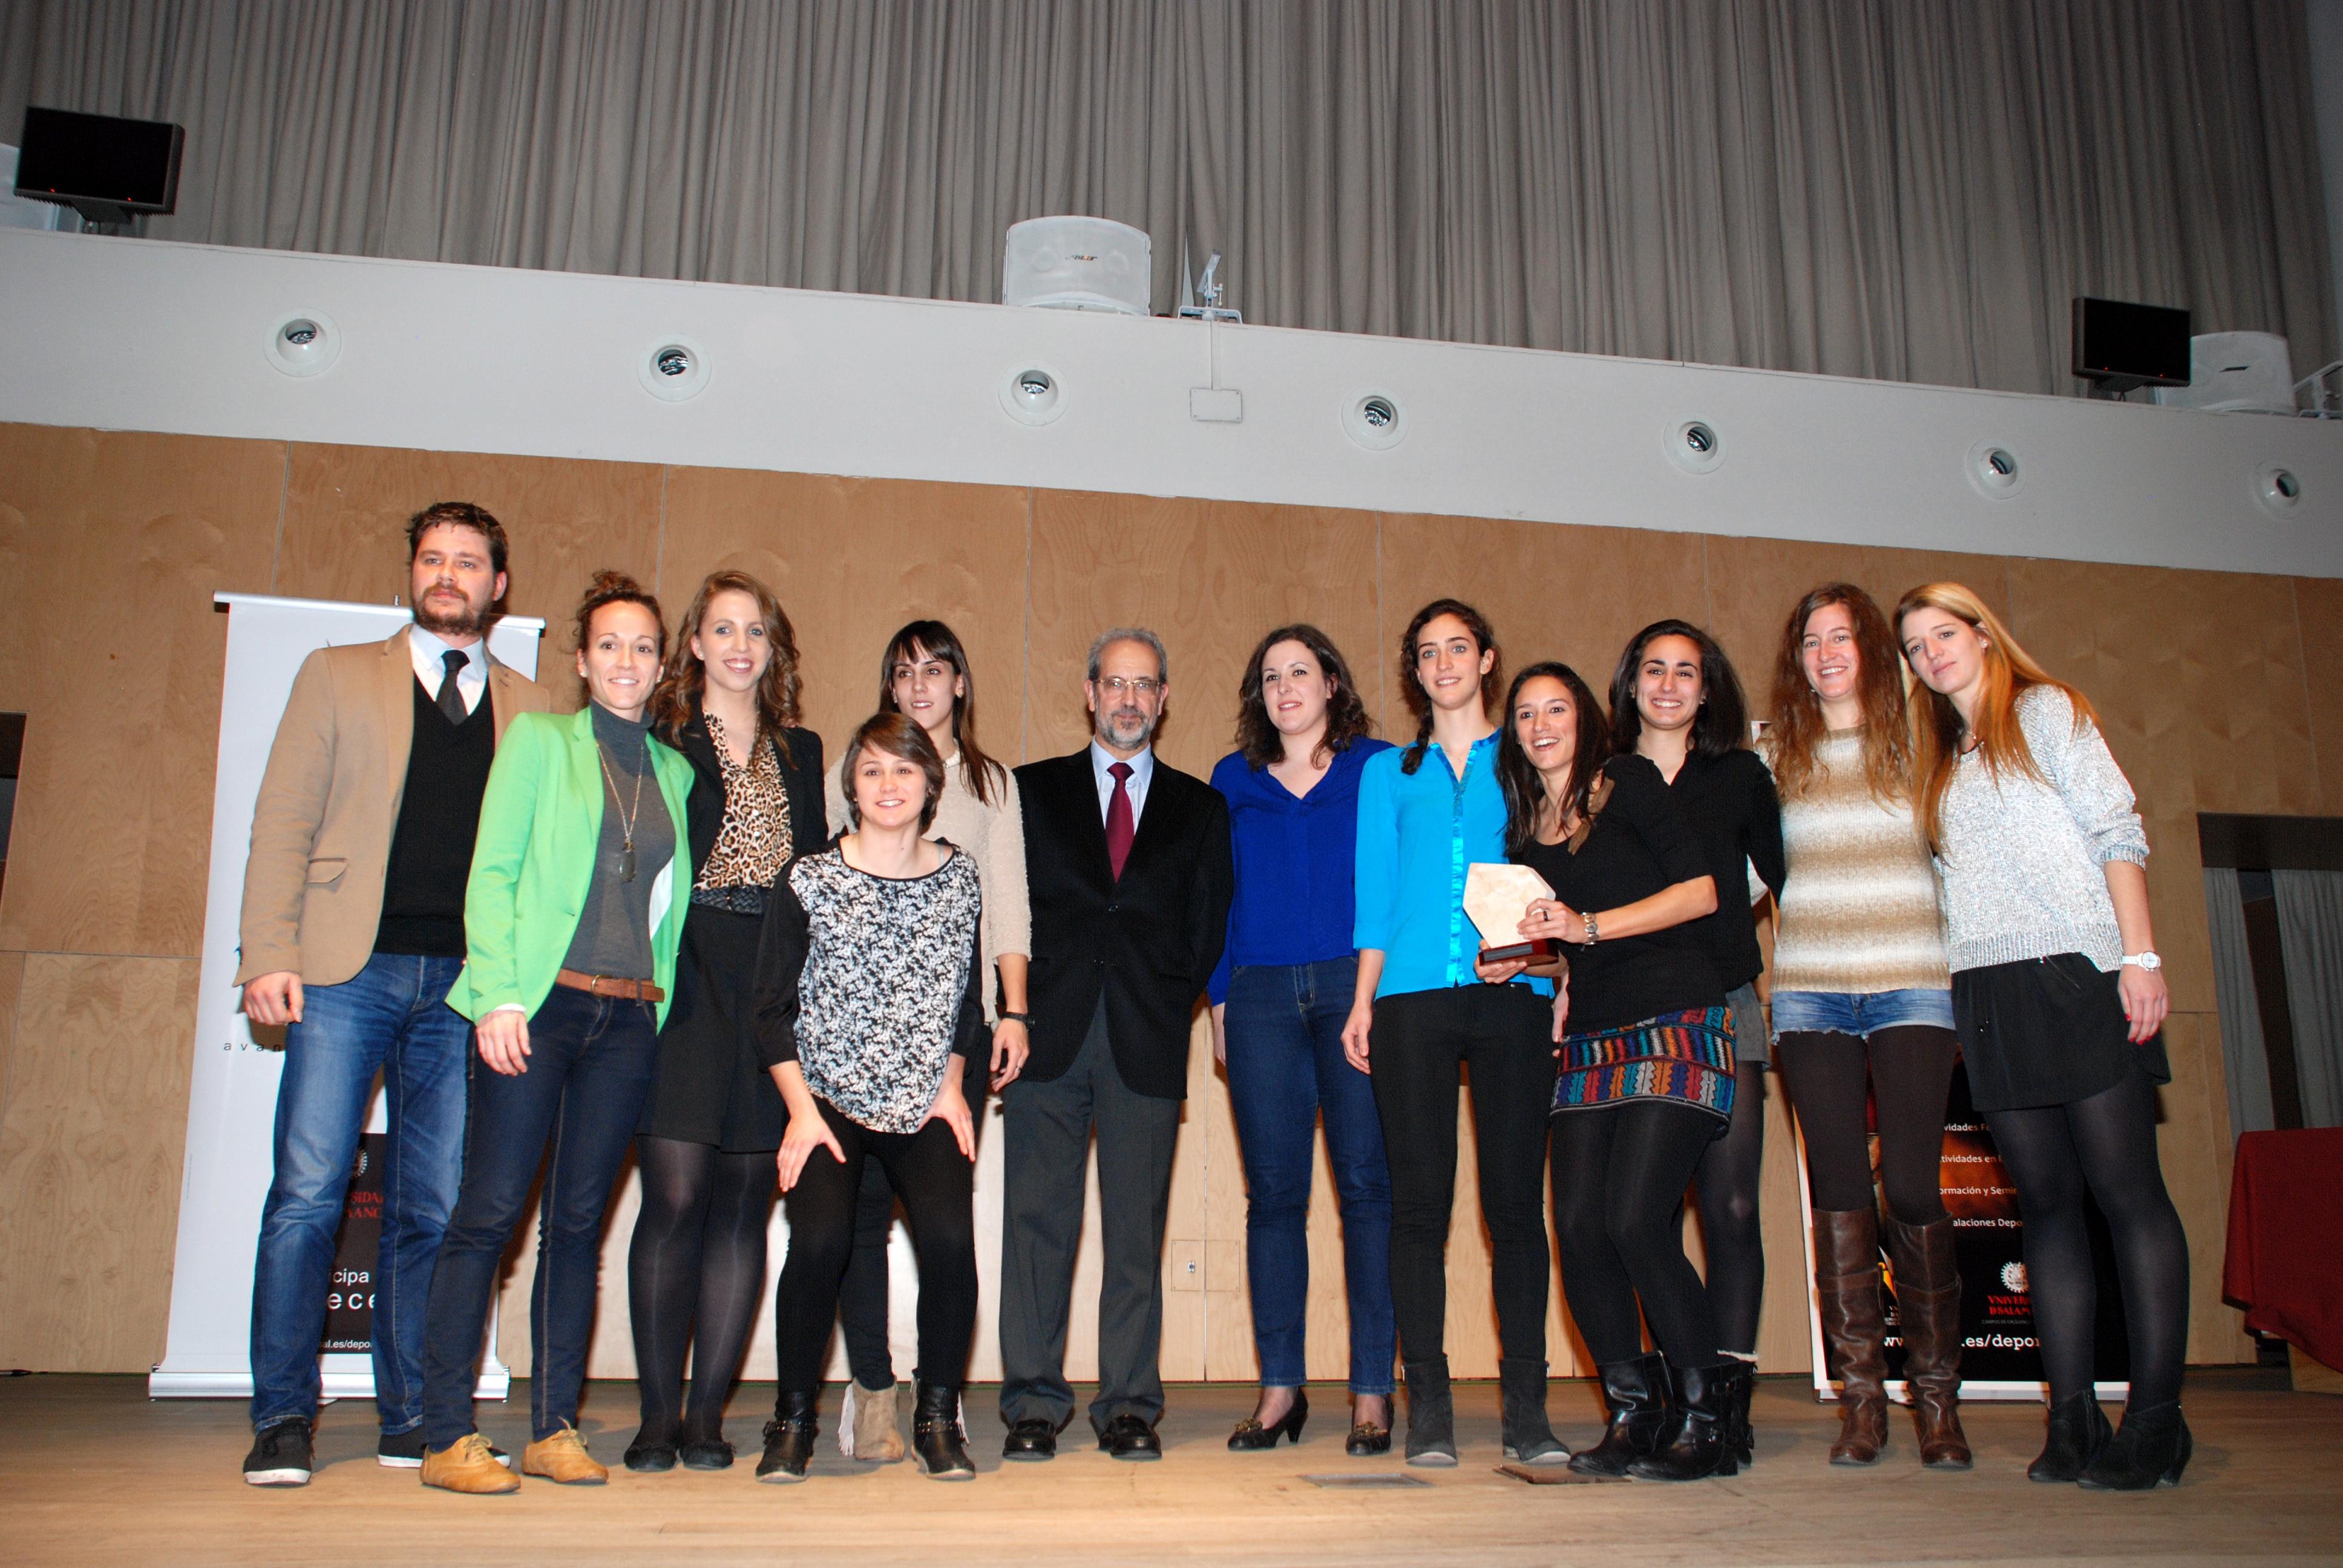 El equipo de Baloncesto femenino, Elena Melodie Fernández y Manuel García, mejores deportistas universitarios